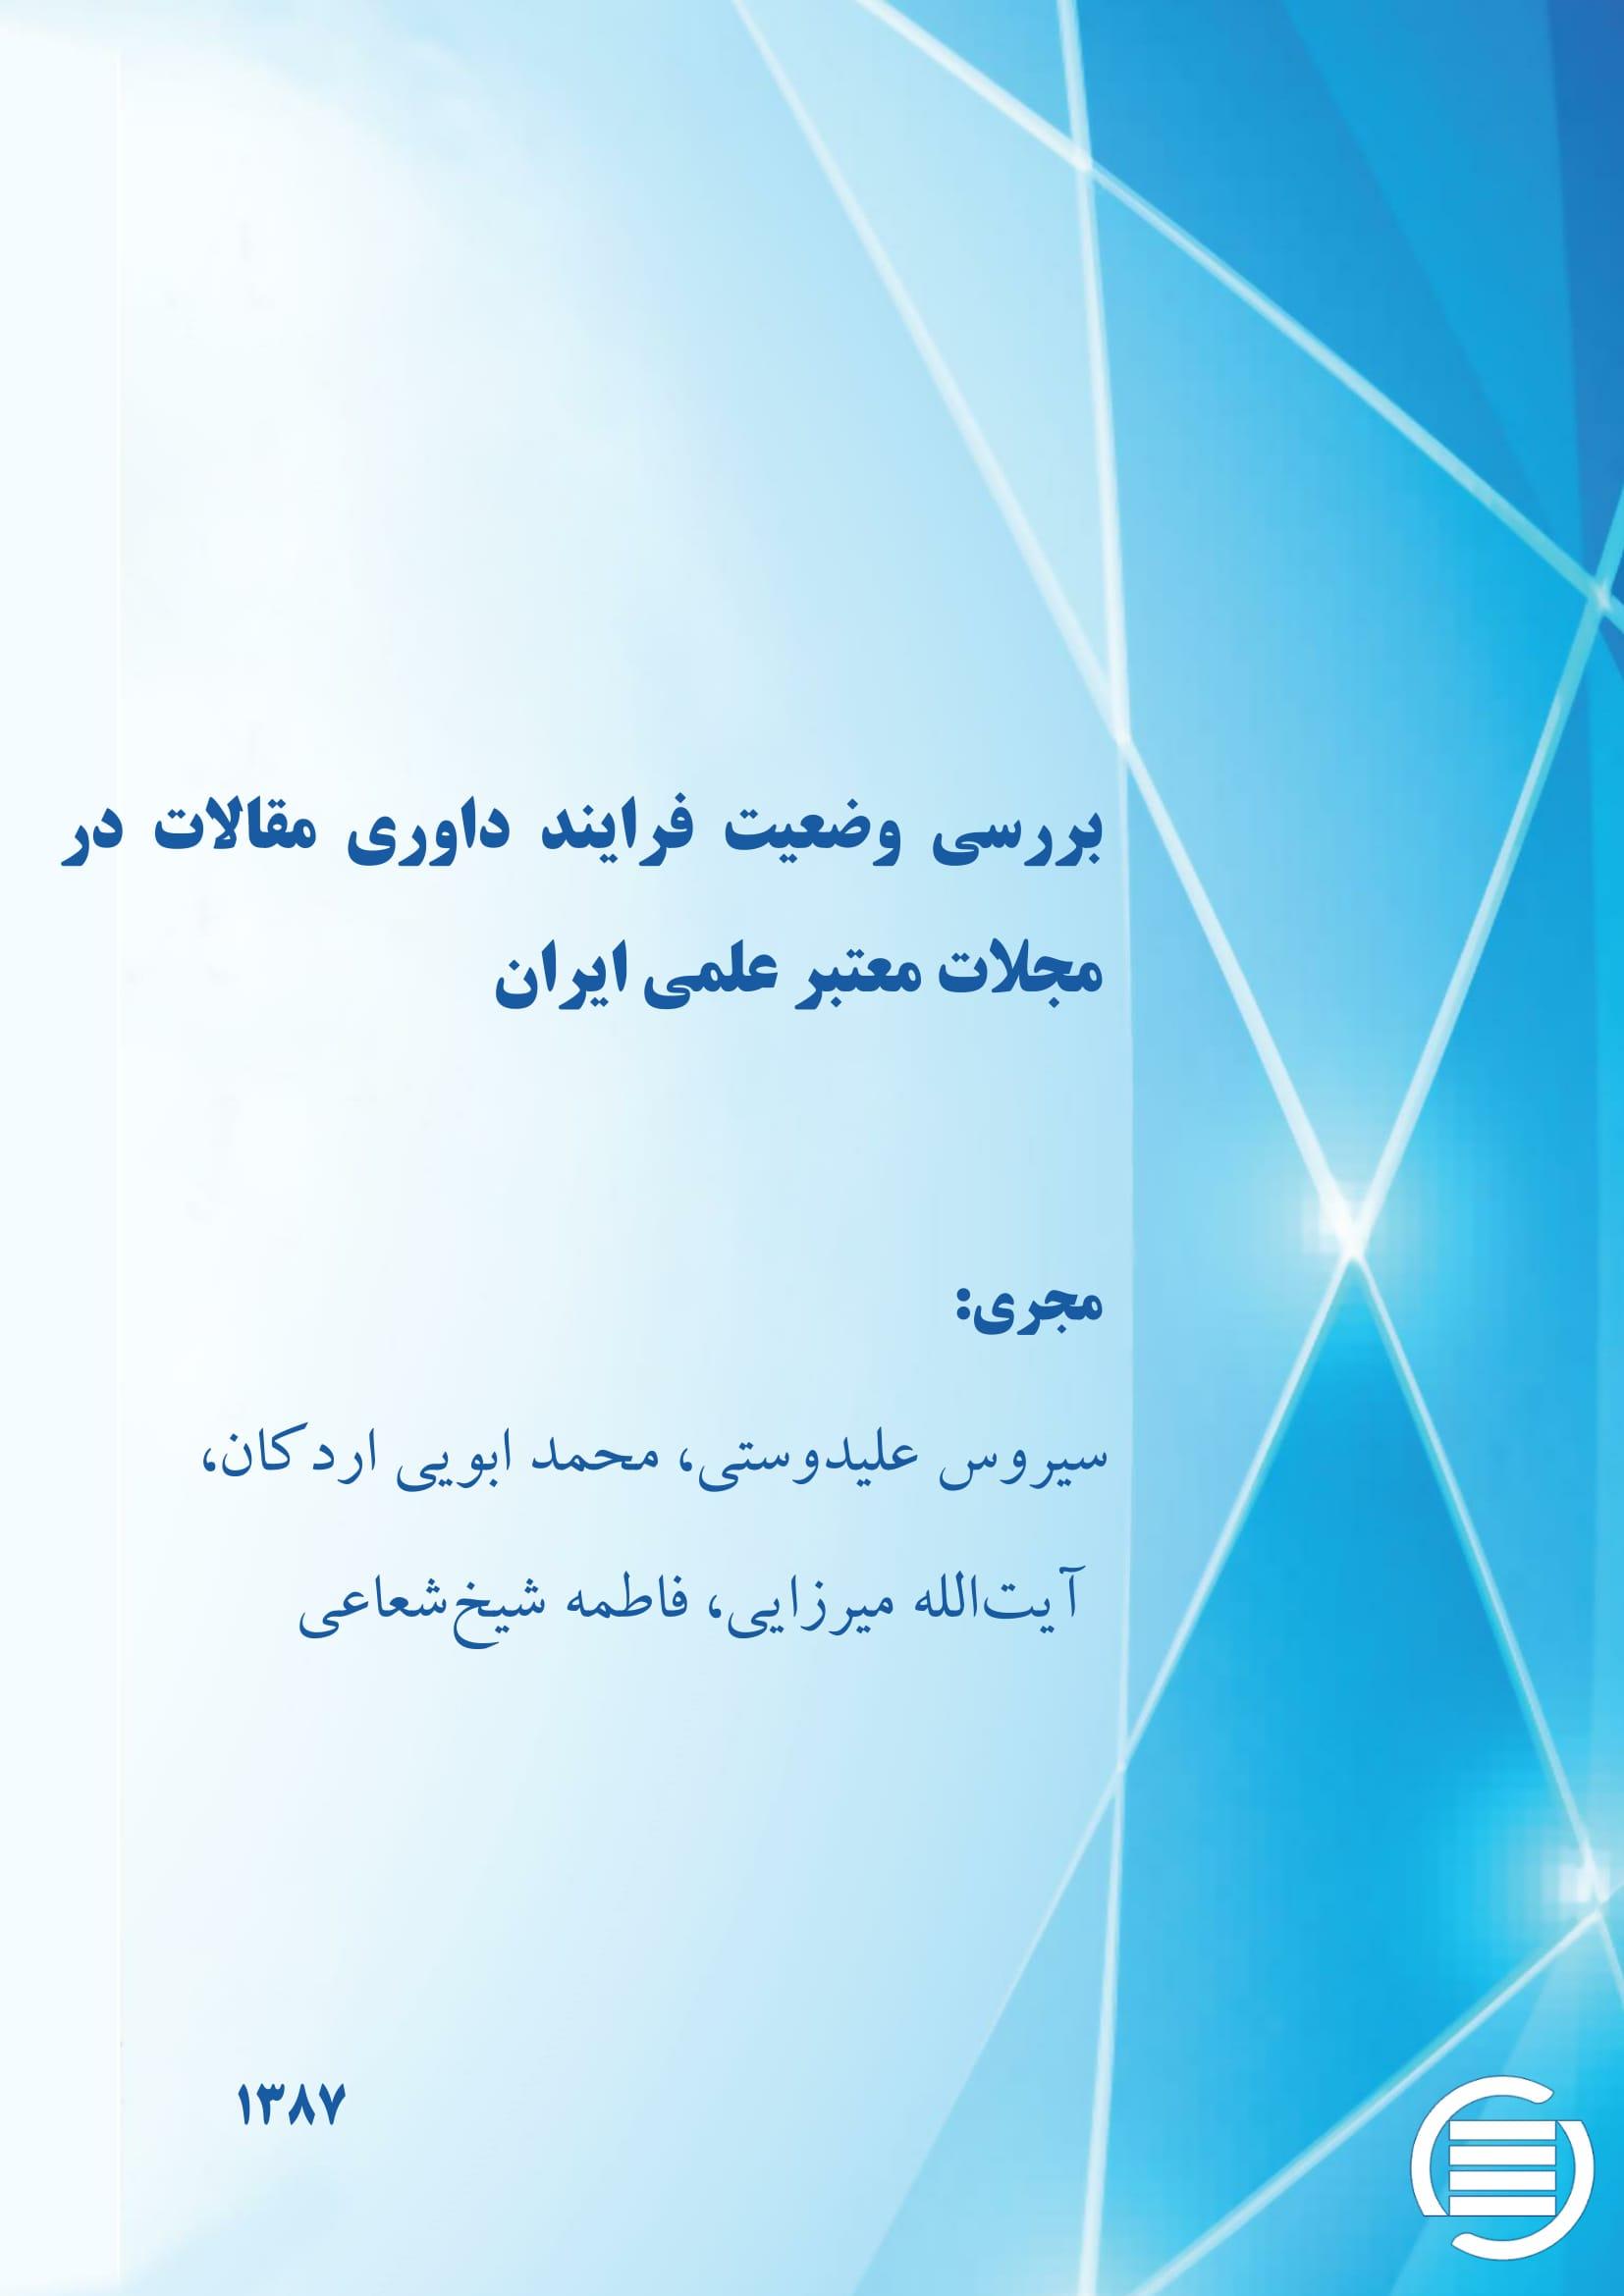 بررسی وضعیت فرایند داوری مقالات در مجلات معتبر علمی ایران